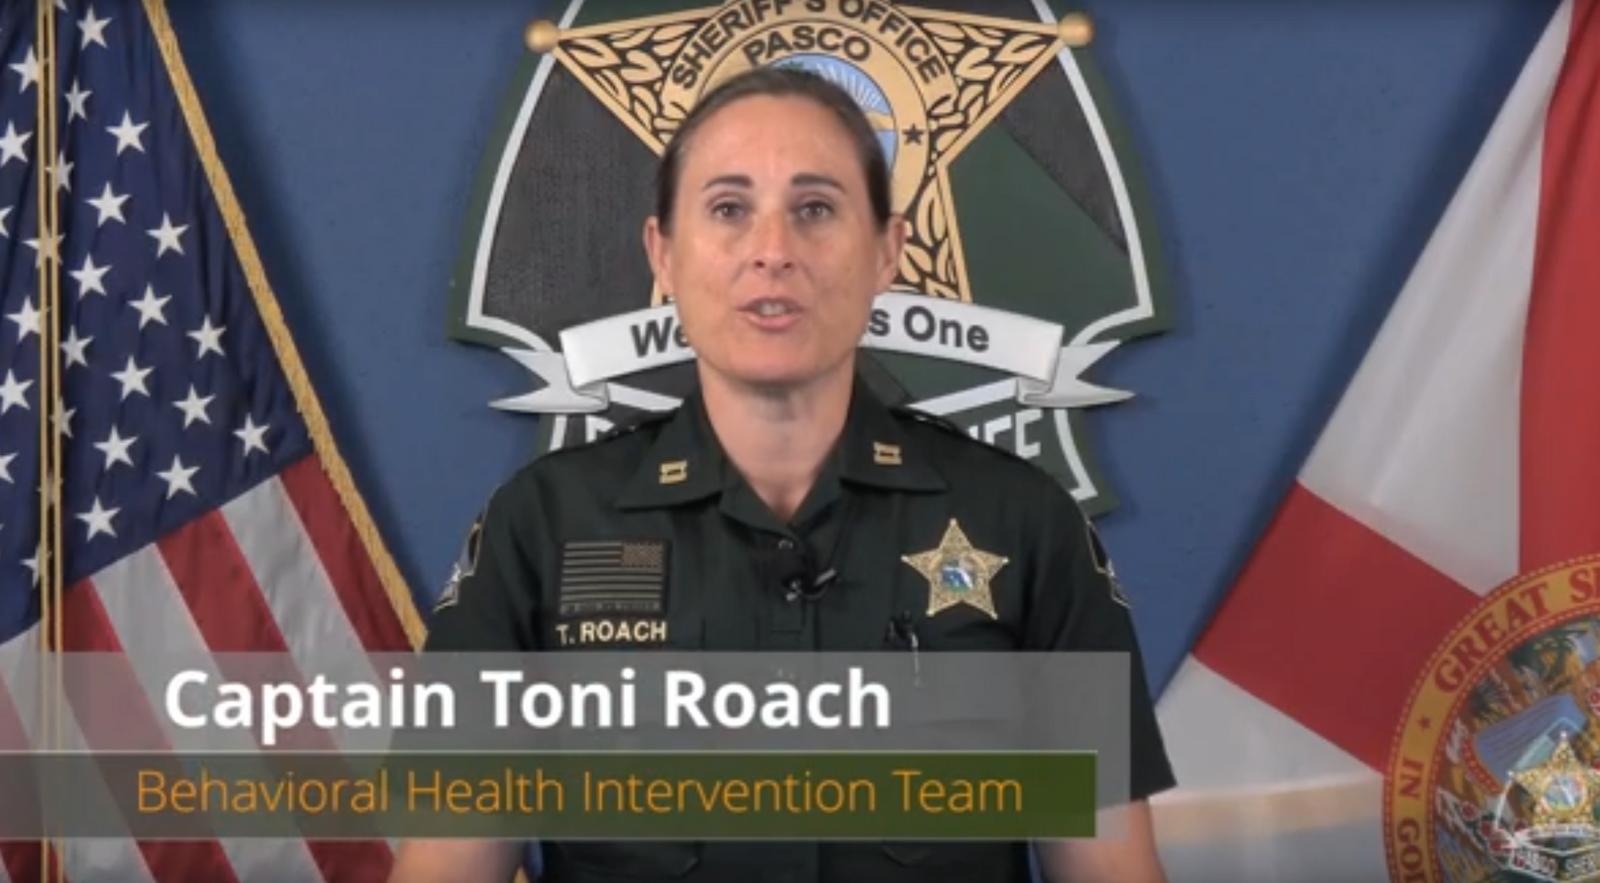 Captain Toni Roach